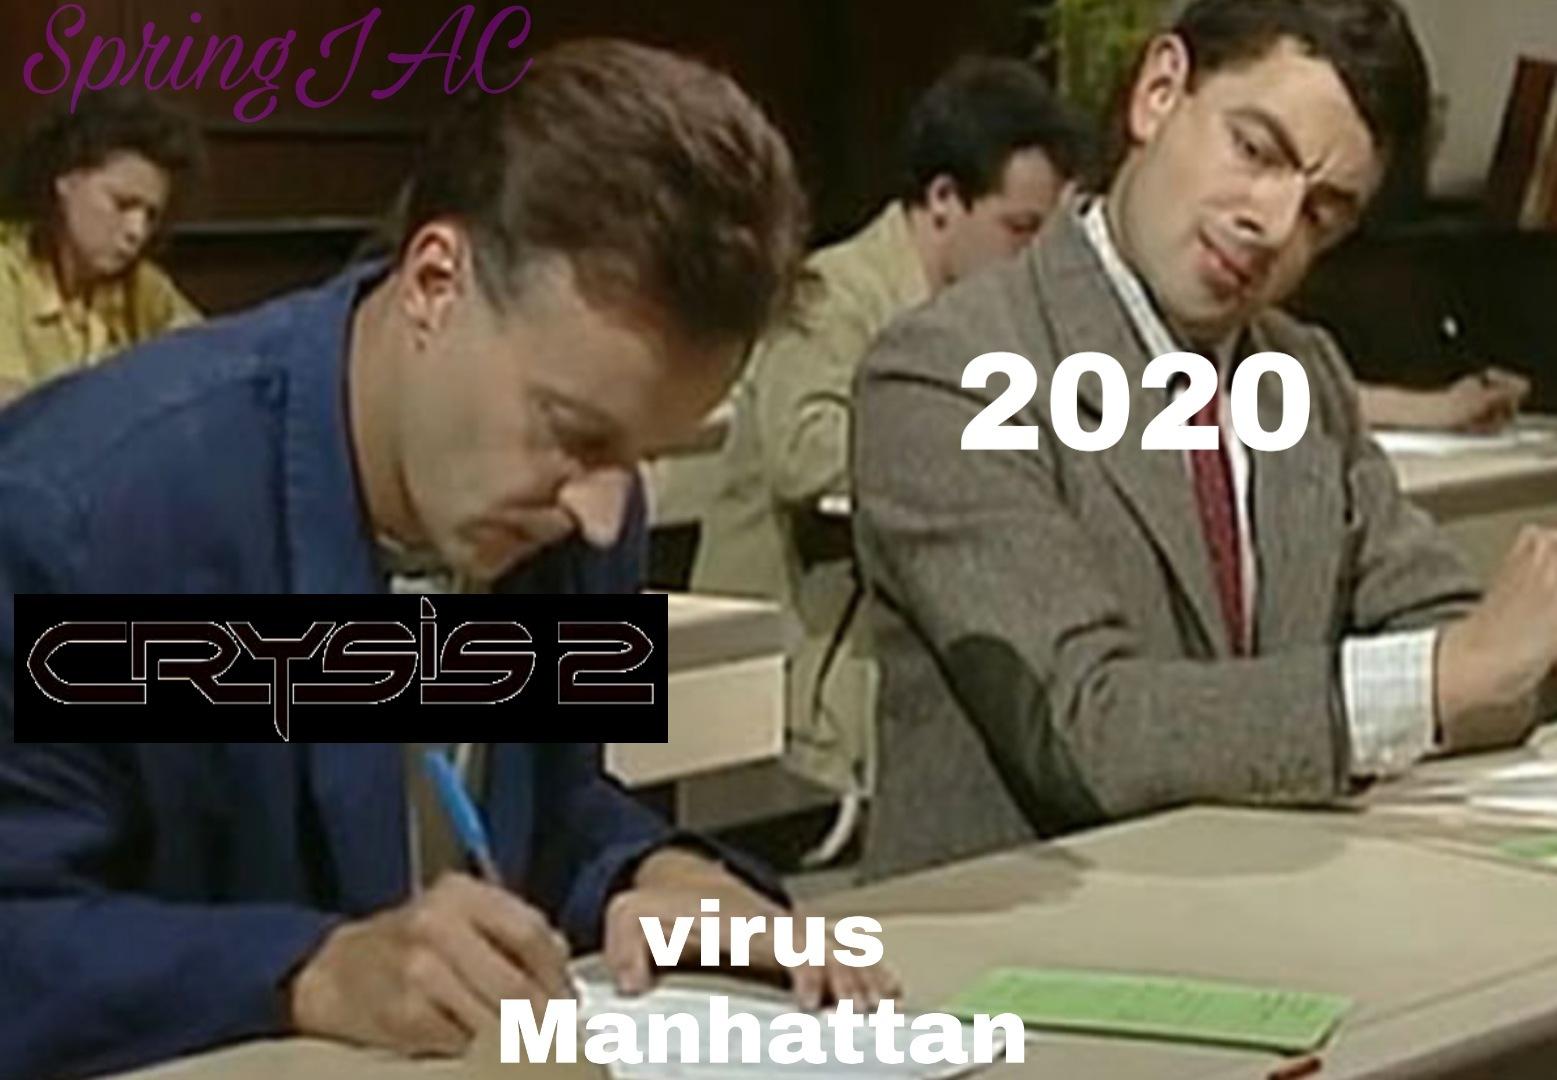 Para el que no sepa, el virus del juego comenzó en 2020 - meme